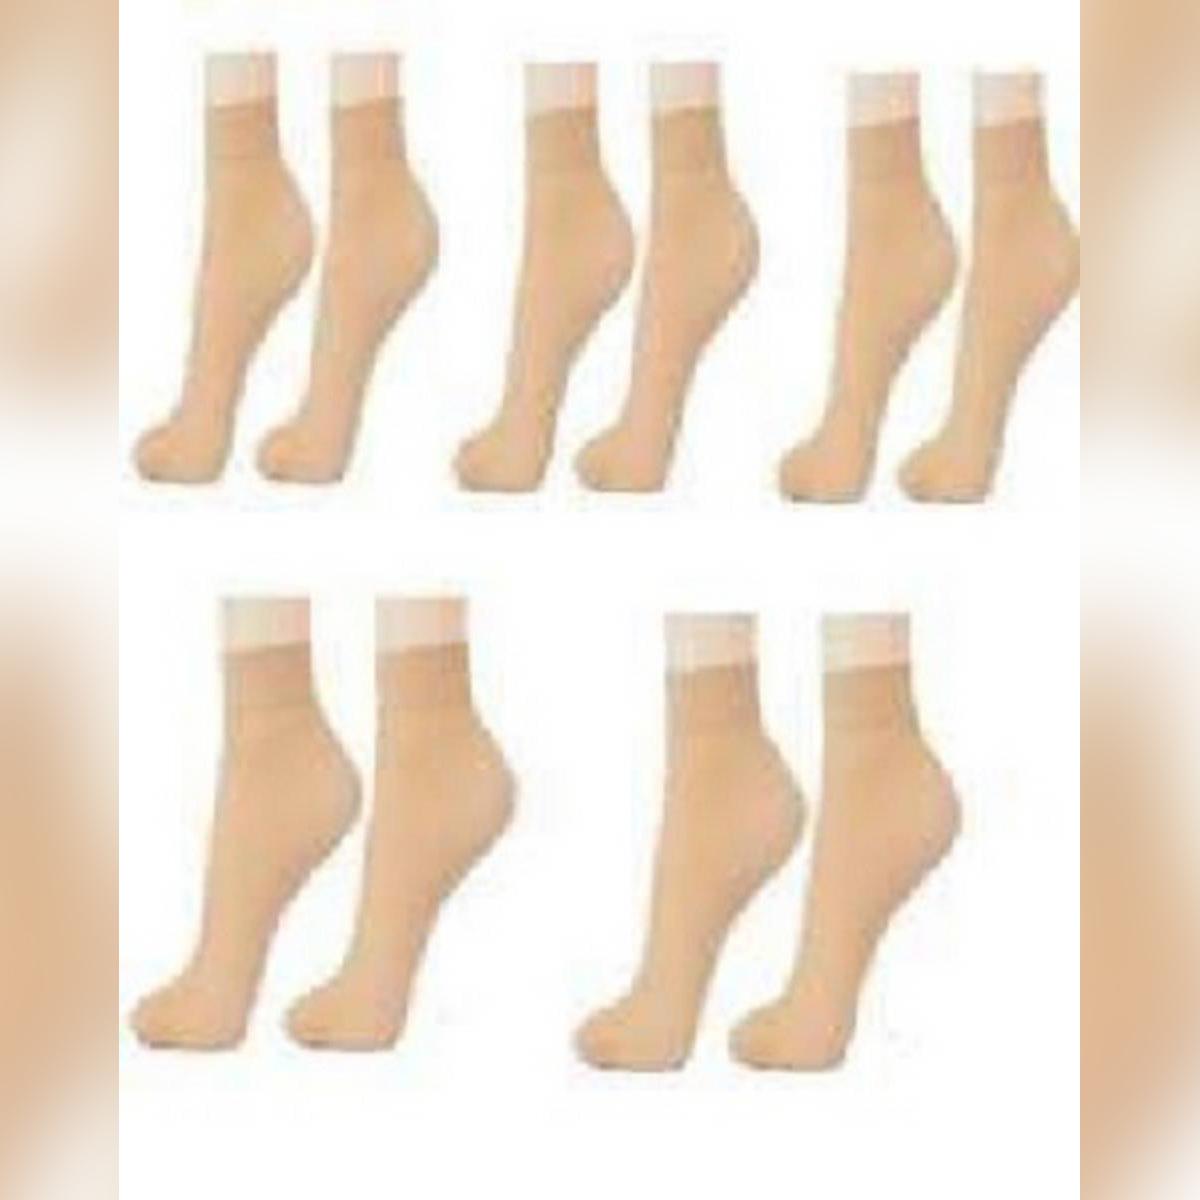 pack off 3 Nylon Skin Socks For Women